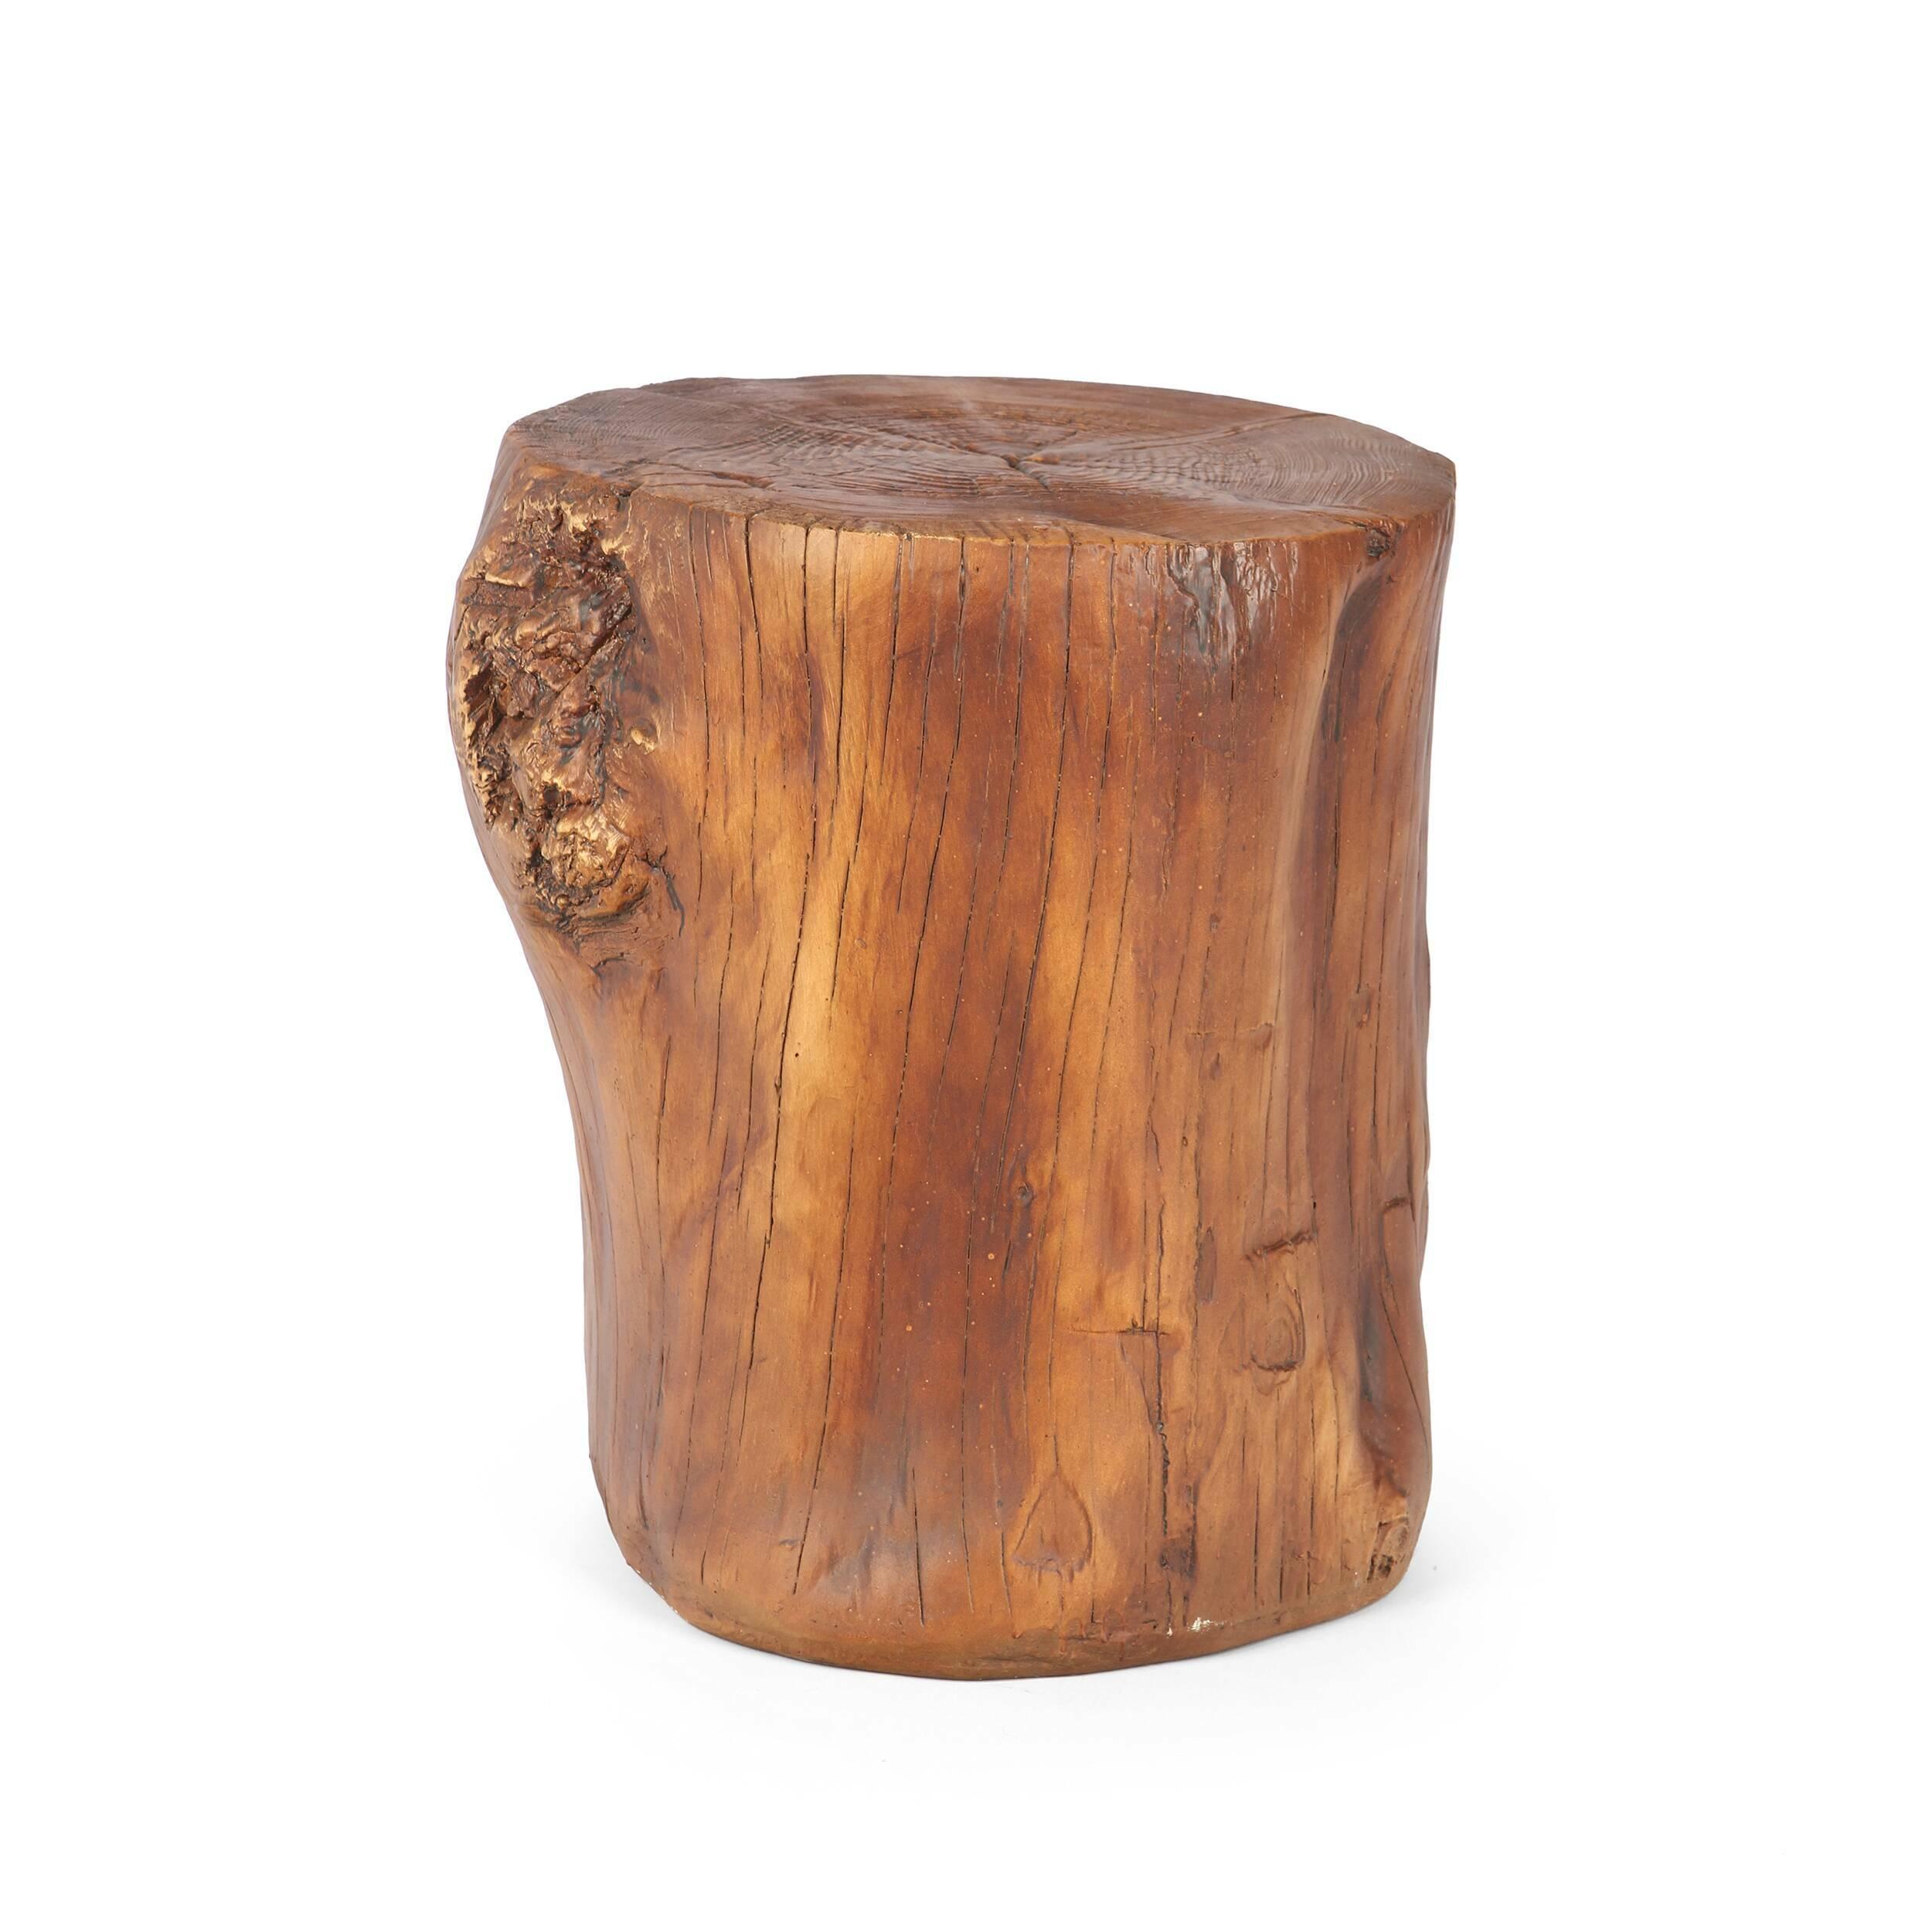 Табурет Foresto 4 купить в интернет-магазине дизайнерской мебели Cosmorelax.Ru